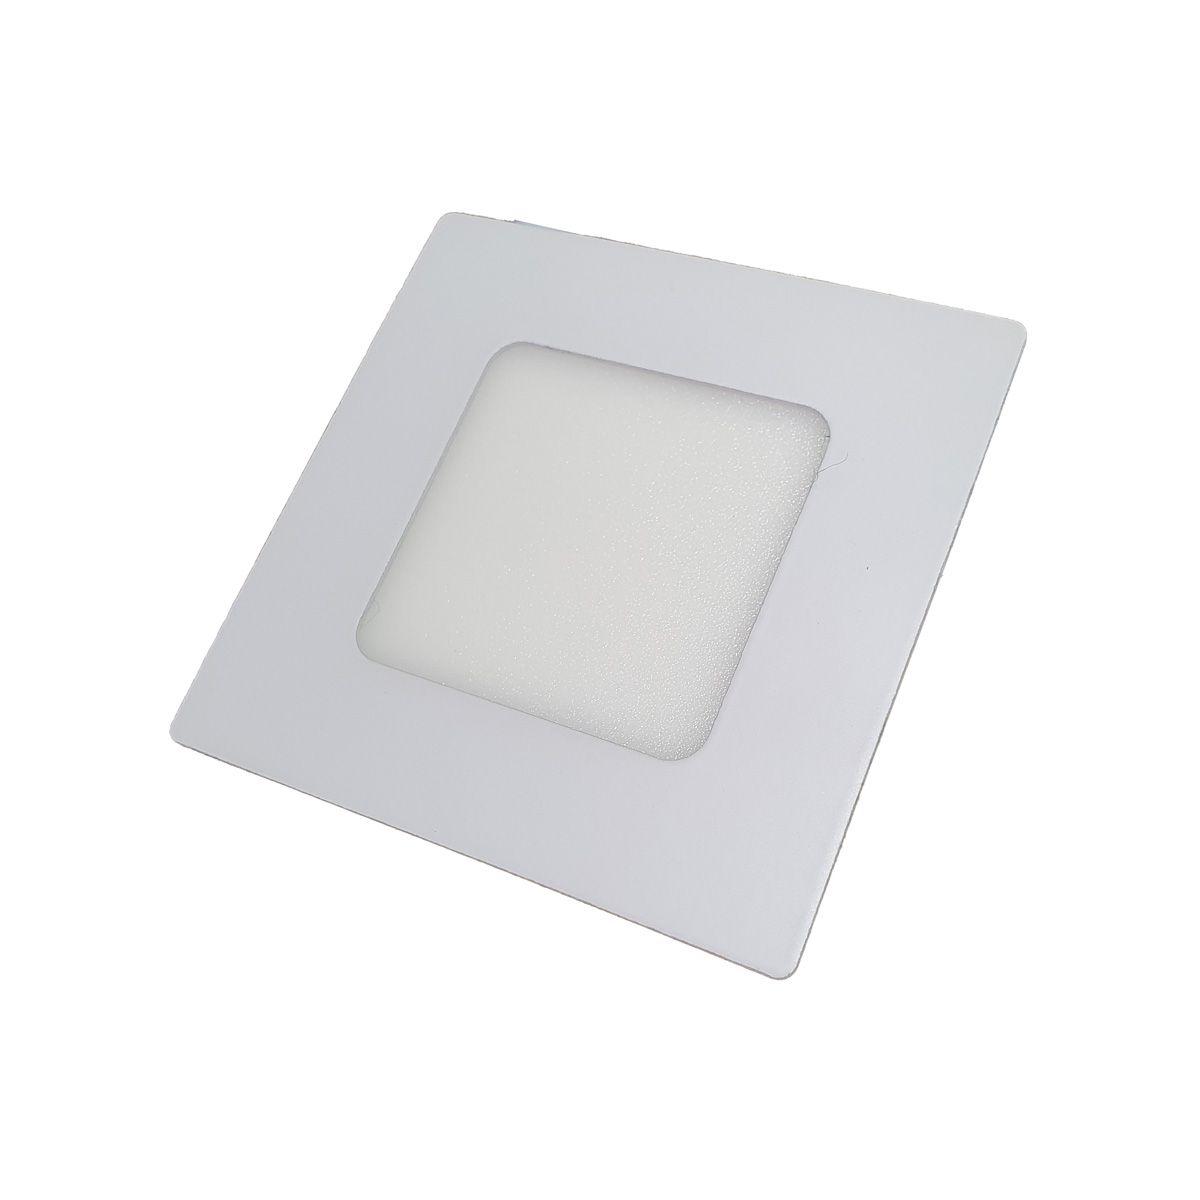 Painel Plafon LED 3w Quadrado Luminaria Embutir Branco Luz Quente